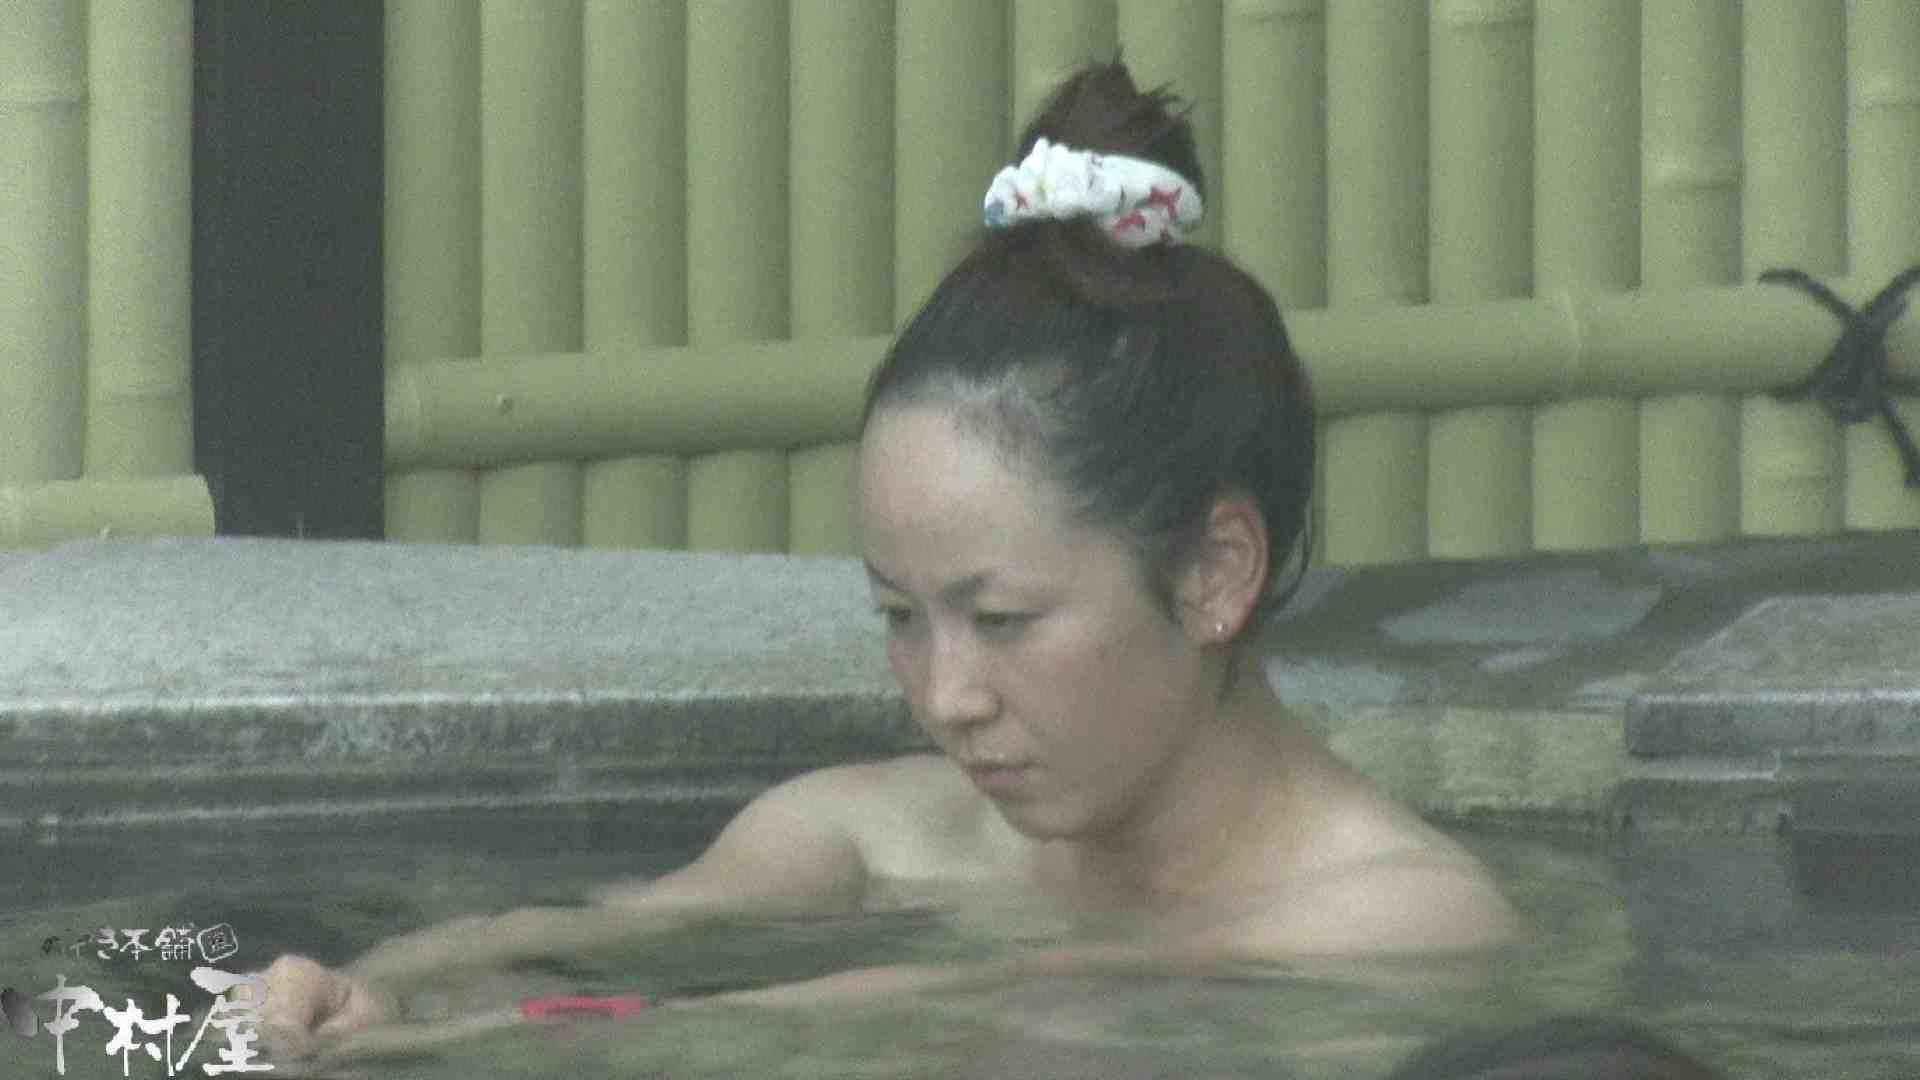 Aquaな露天風呂Vol.911